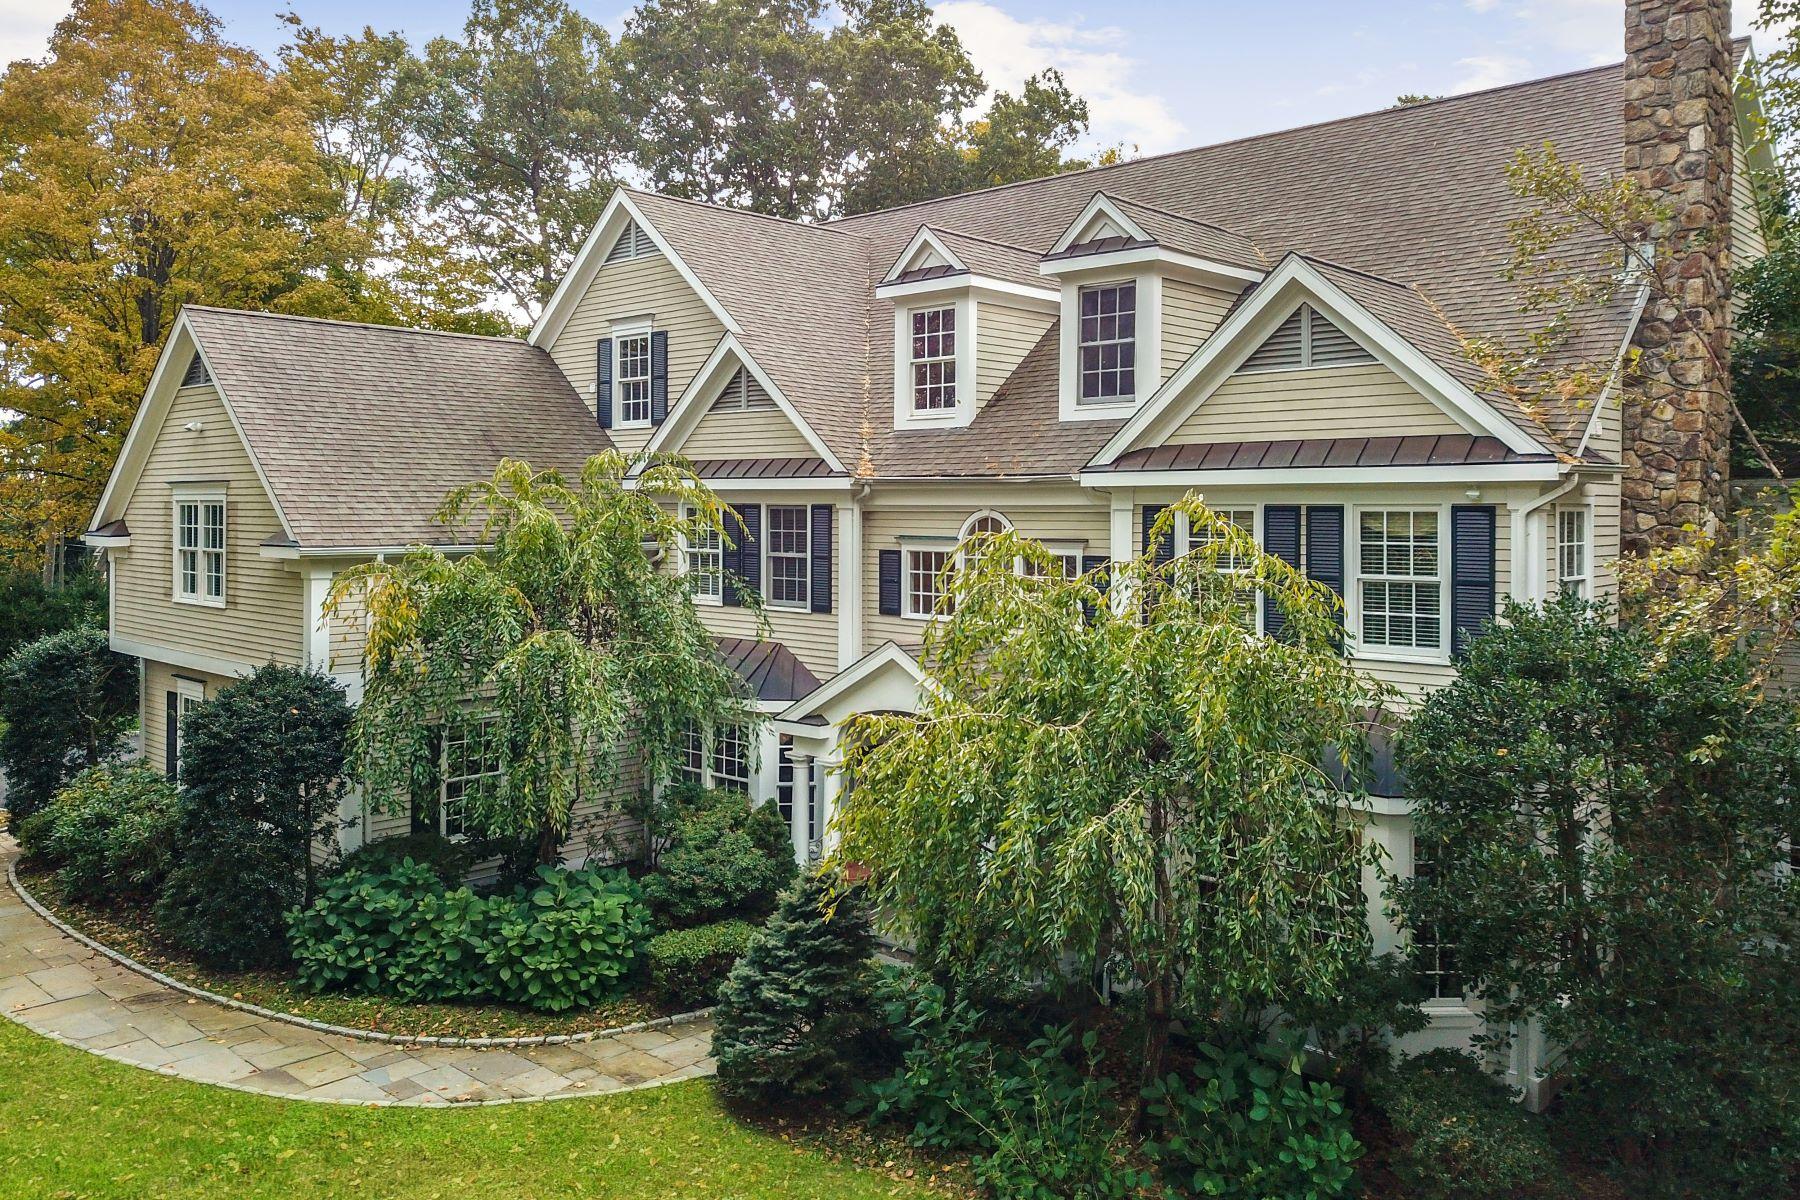 独户住宅 为 销售 在 65 Hurlbutt Street 65 Hurlbutt Street 威尔顿, 康涅狄格州 06897 美国